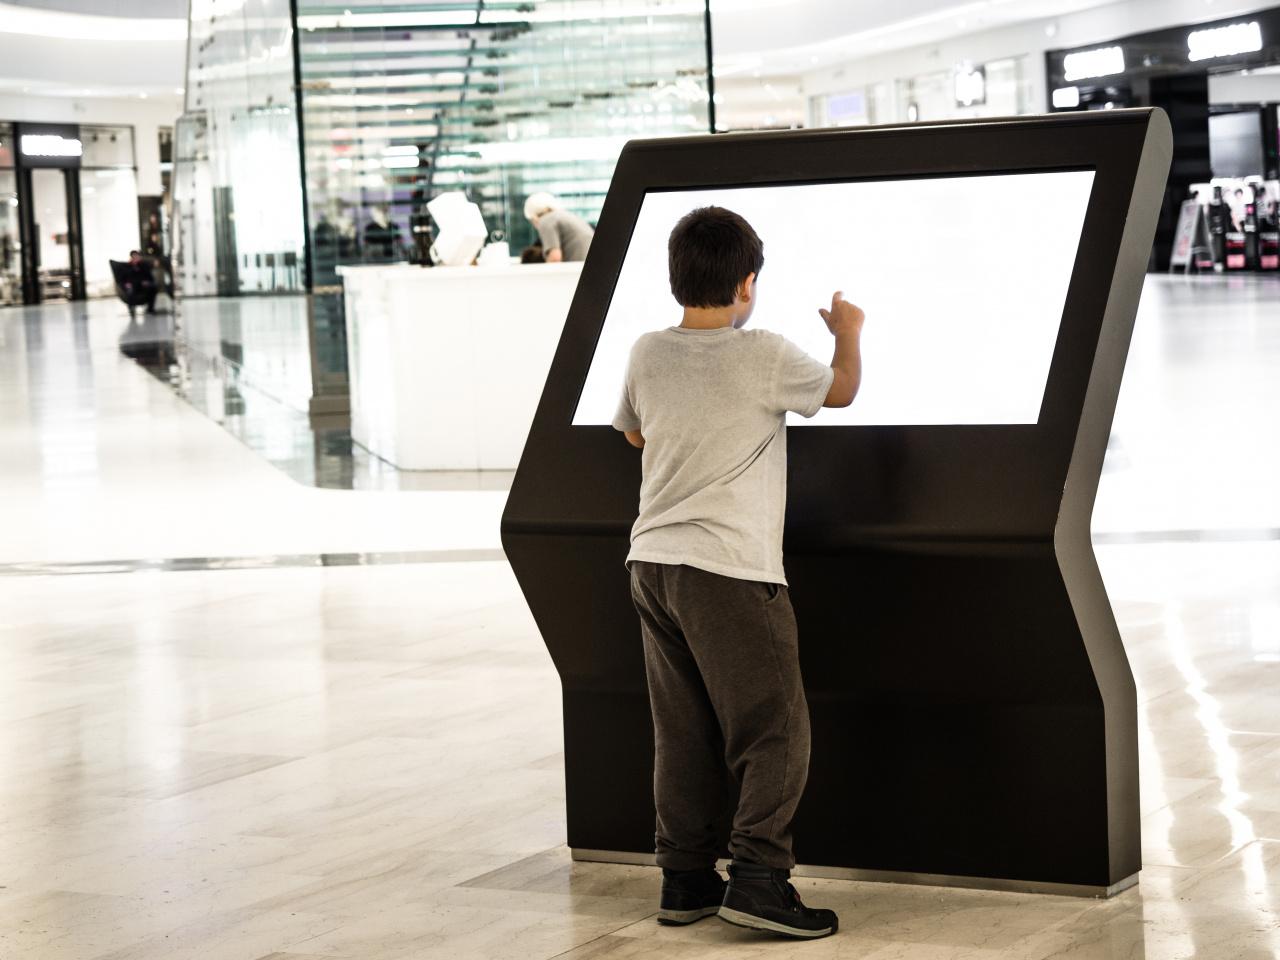 Freestanding interactive screen